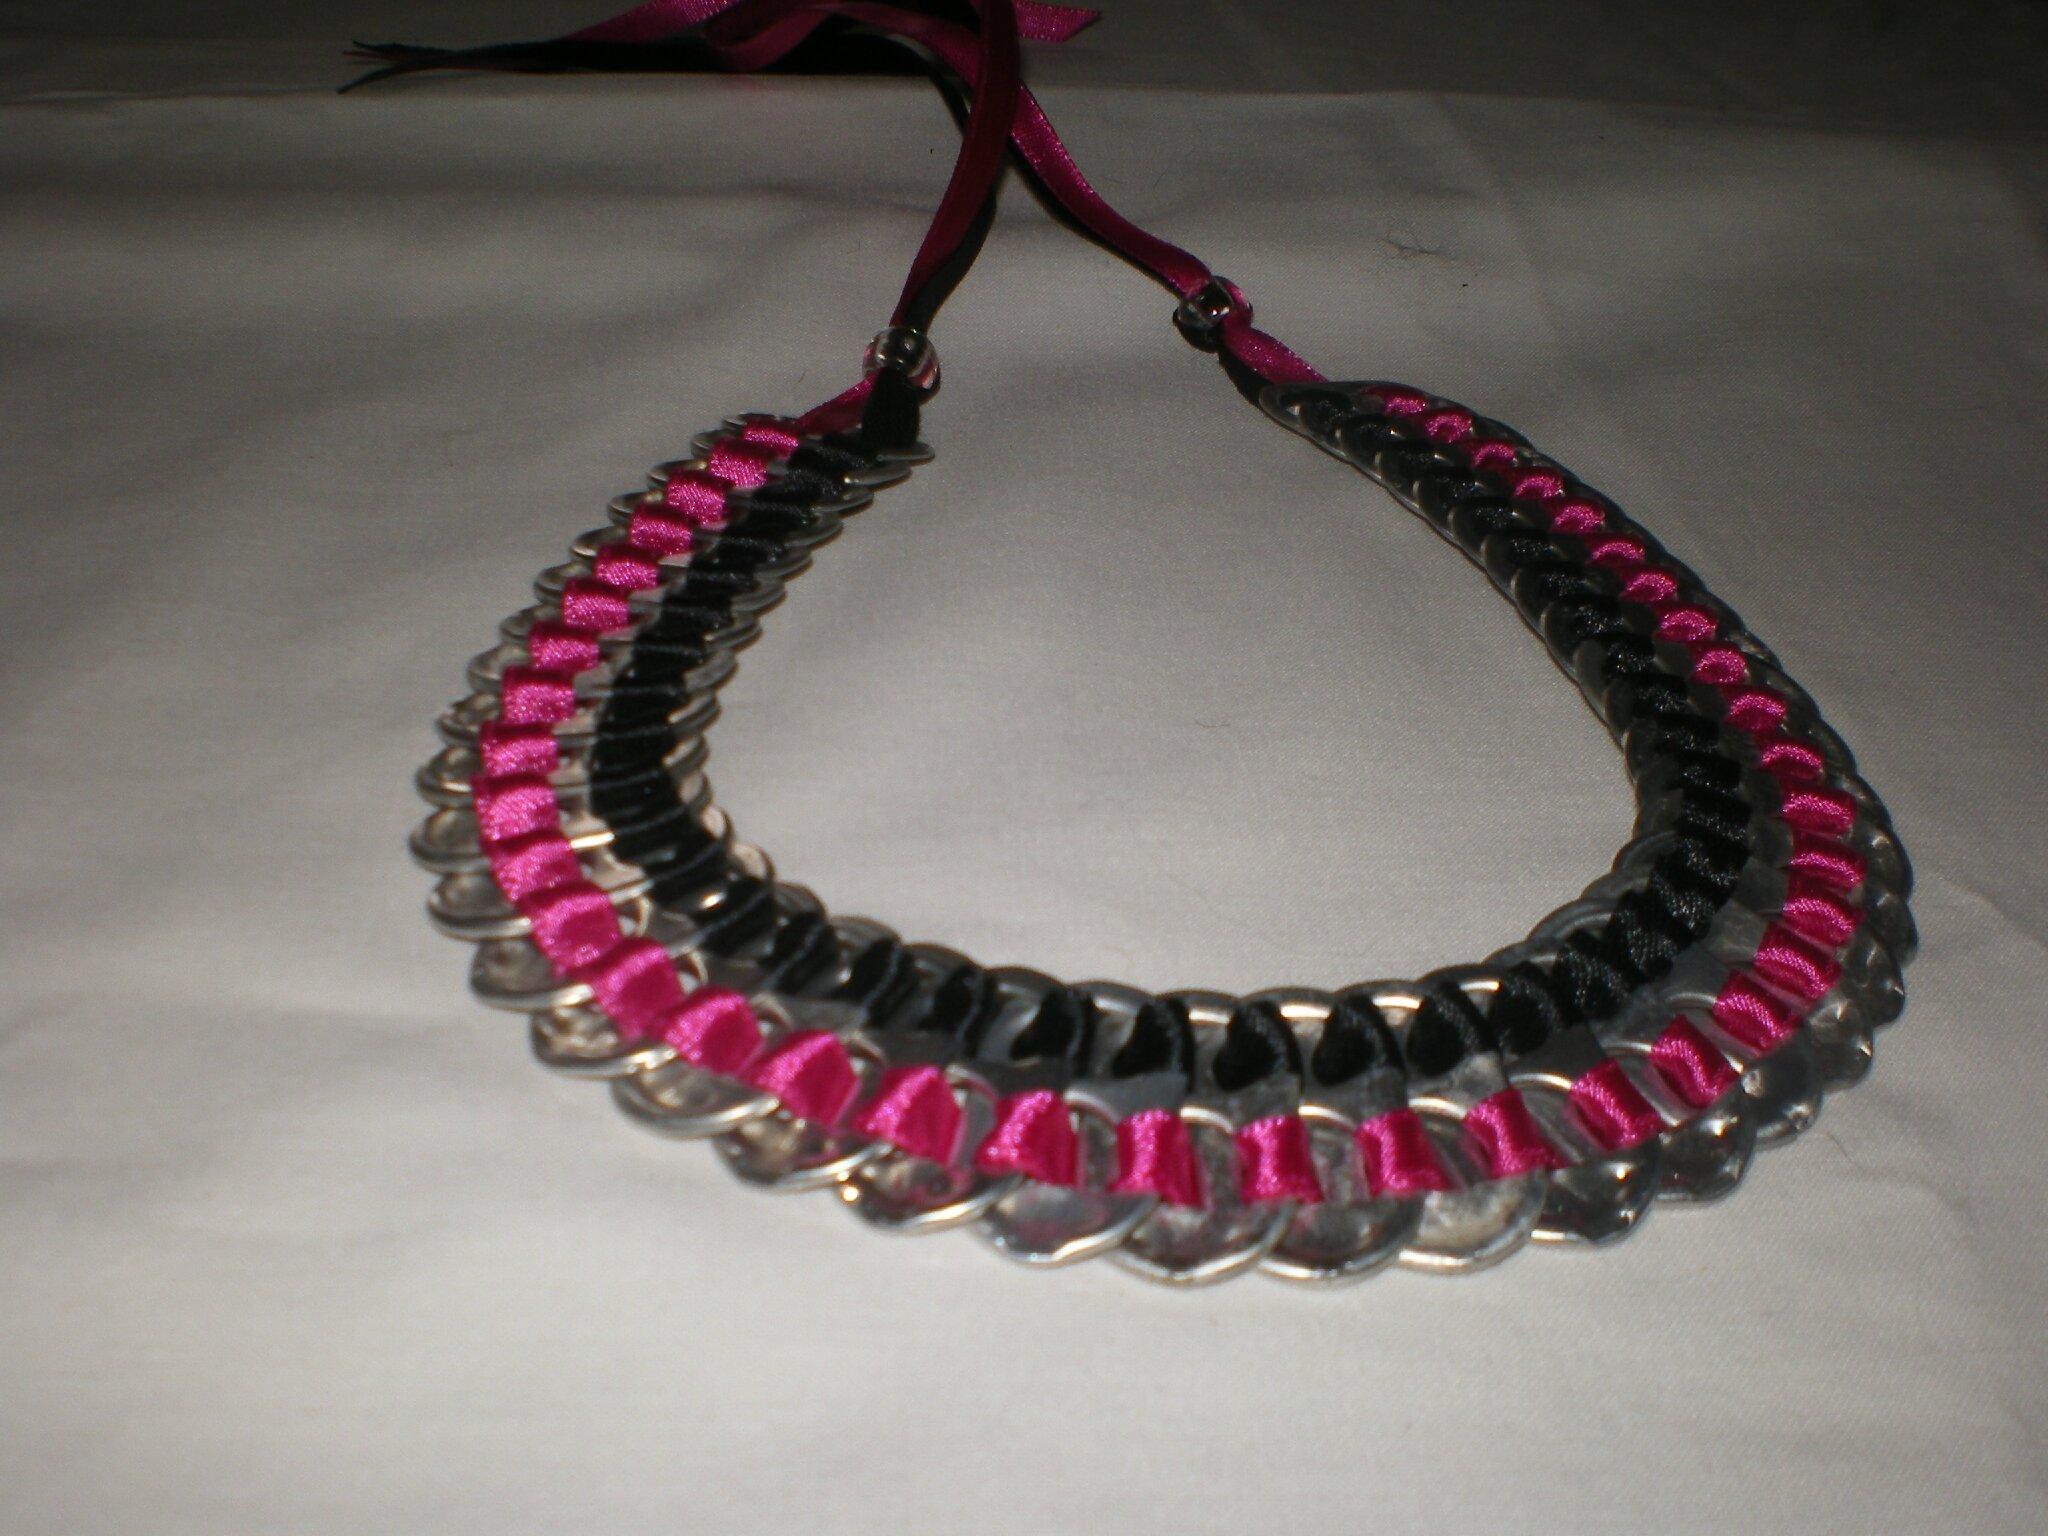 collier bicolore rose et noir